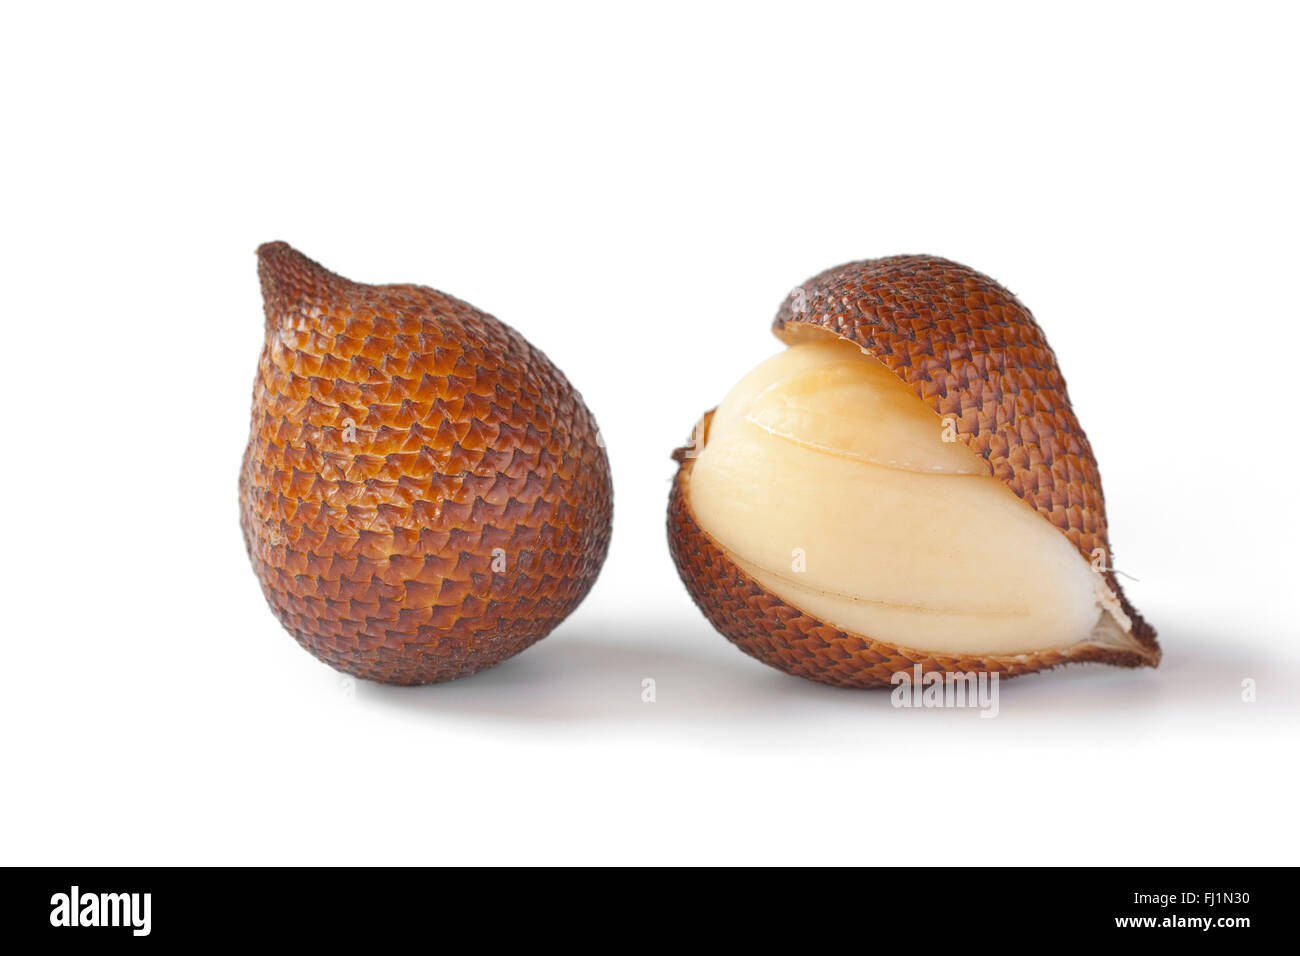 Fresh whole and peeled snakefruit on white background - Stock Image